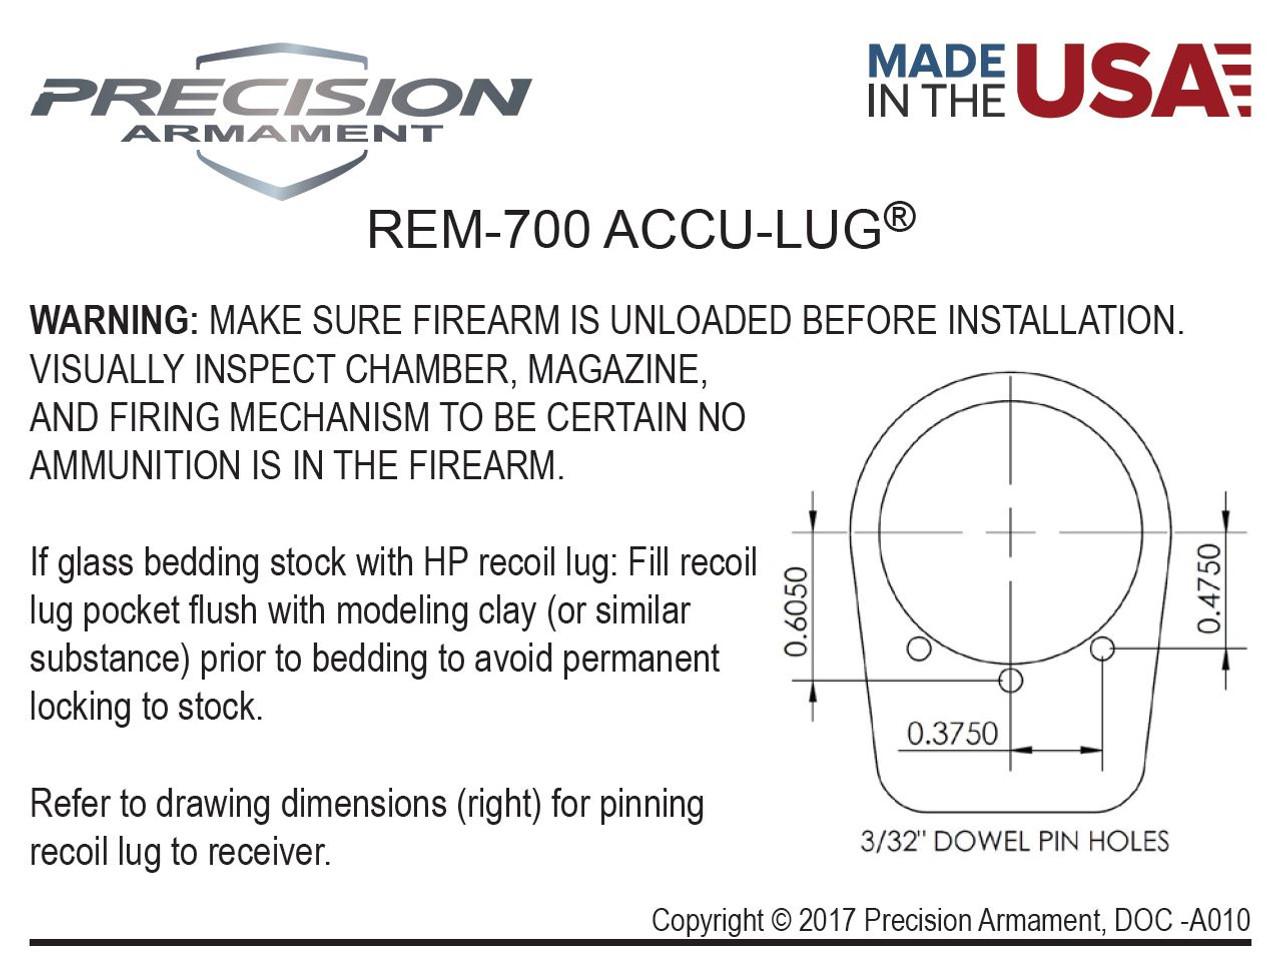 Precision Armament Accu-Lug Remington 700 Recoil Lug